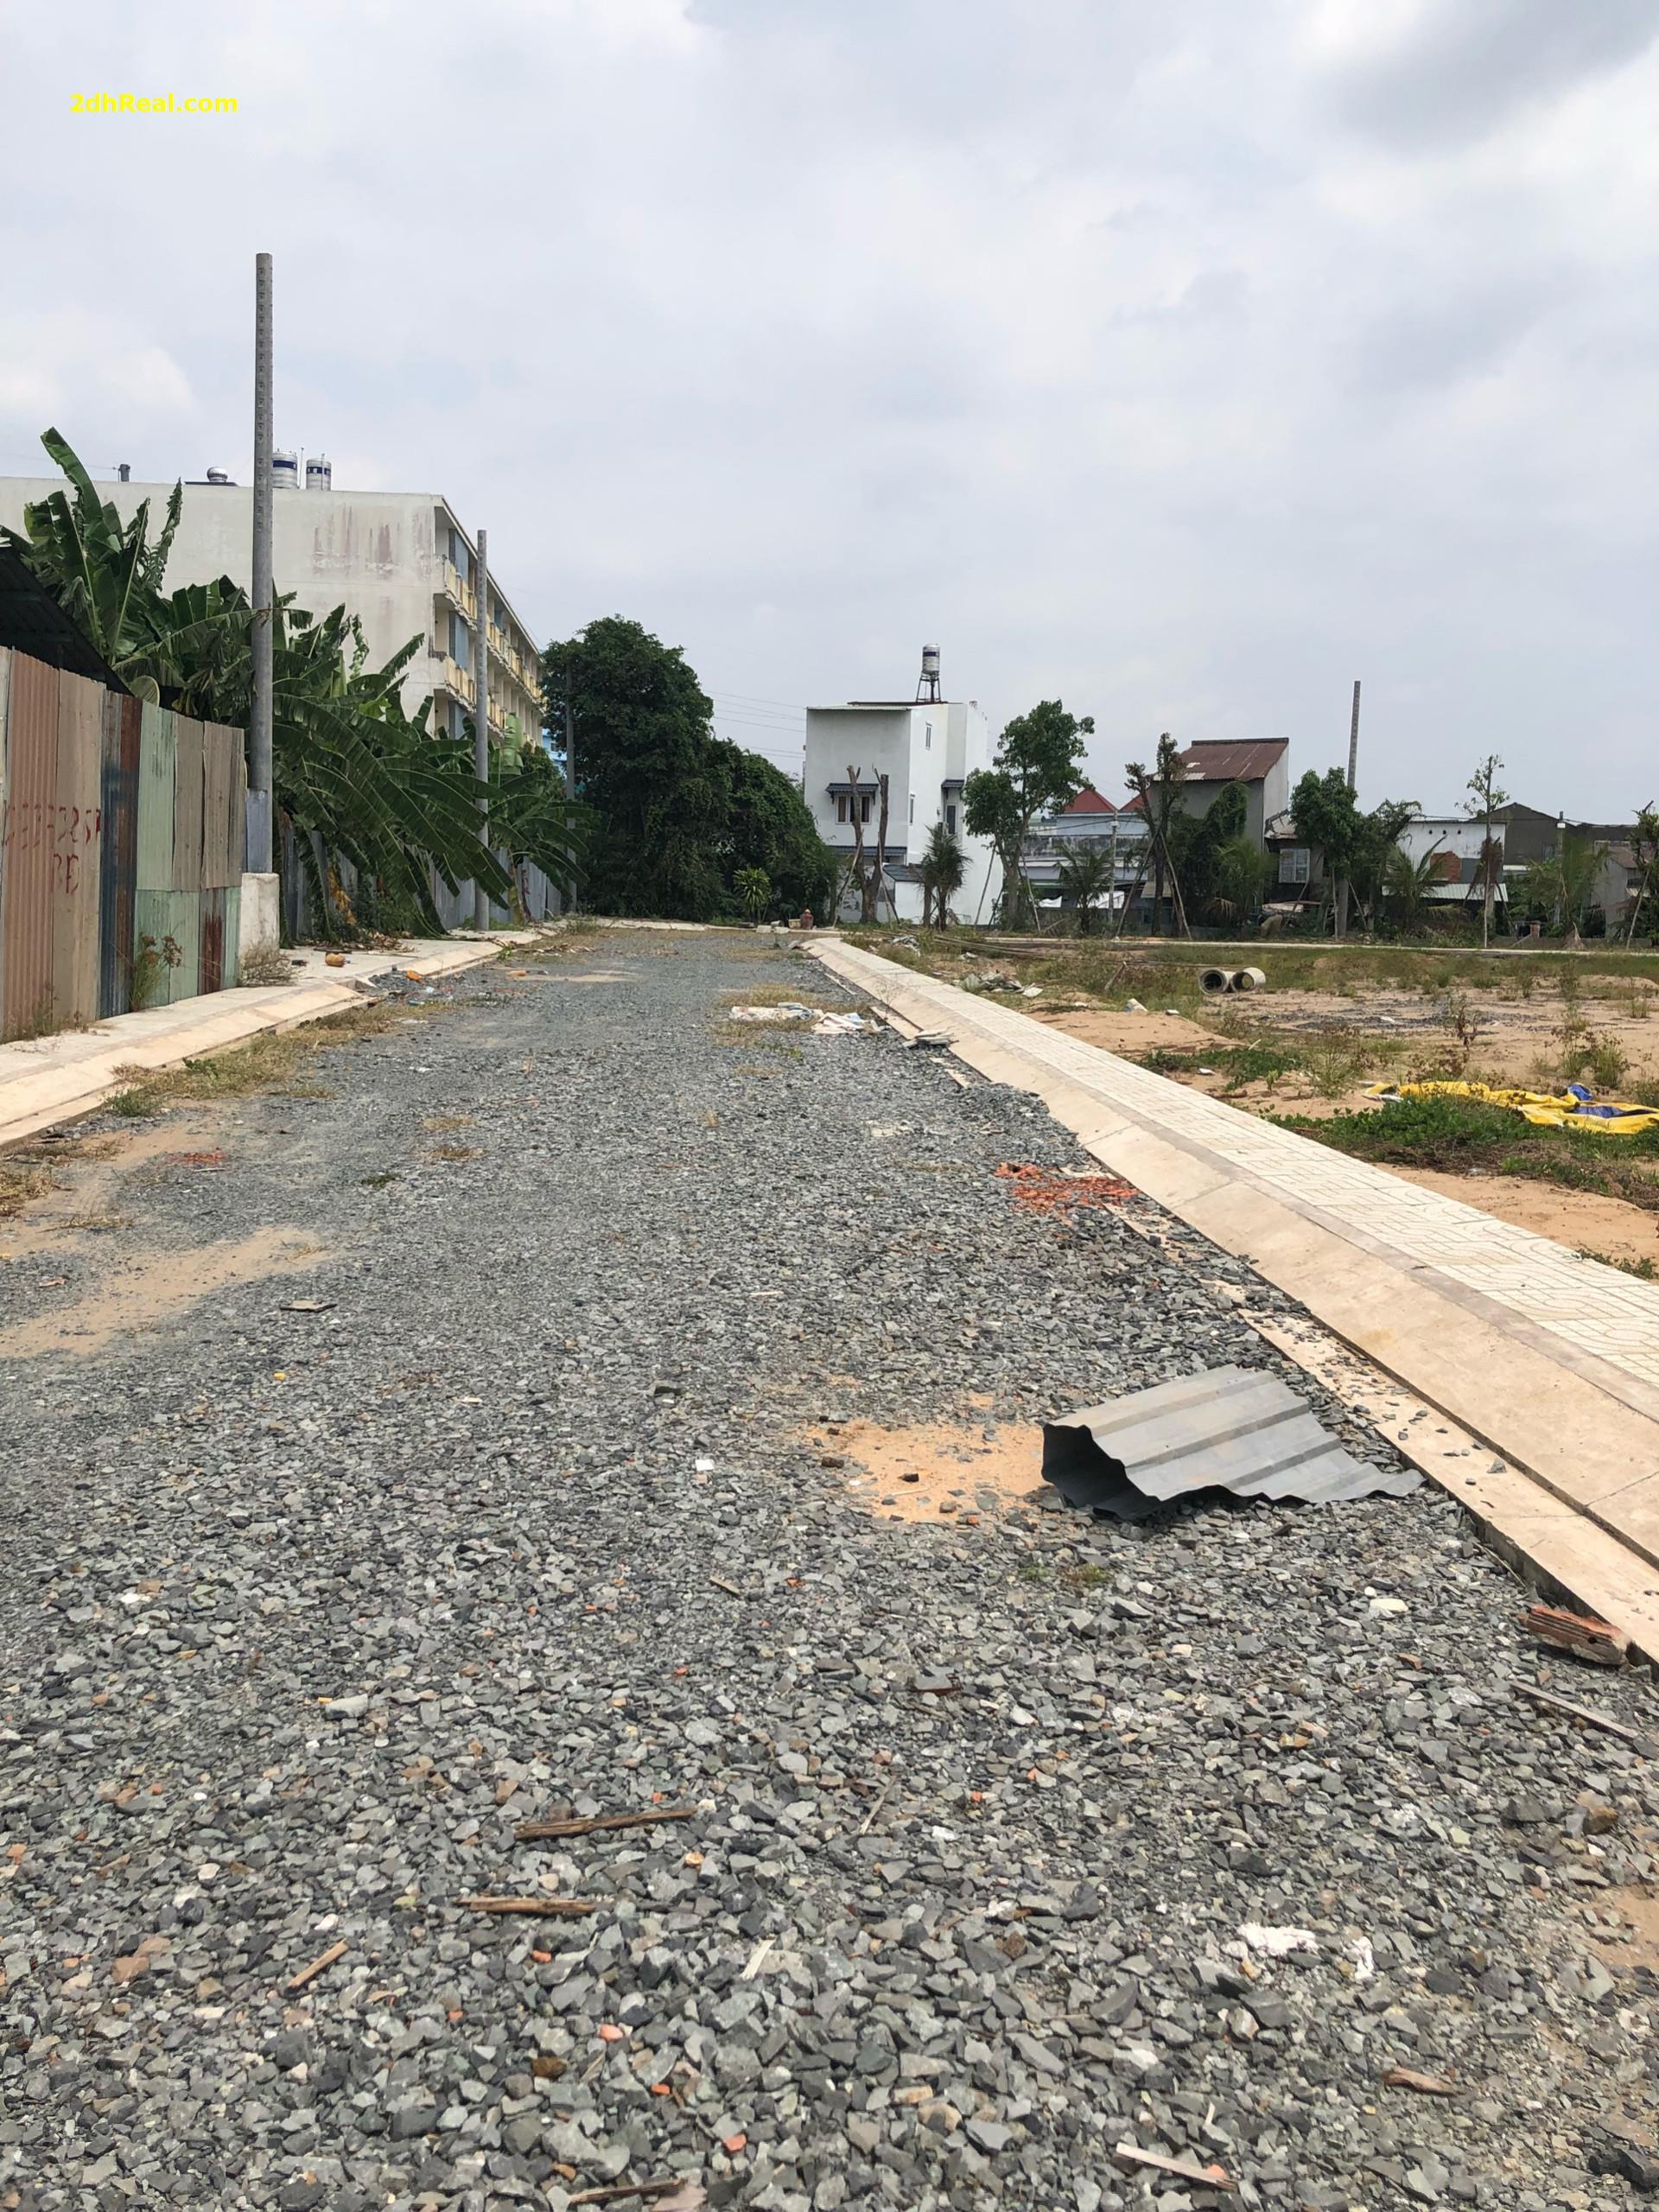 Bán đất thổ cư phường Linh Đông, quận Thủ Đức, 7.425m2 giá 250 tỷ